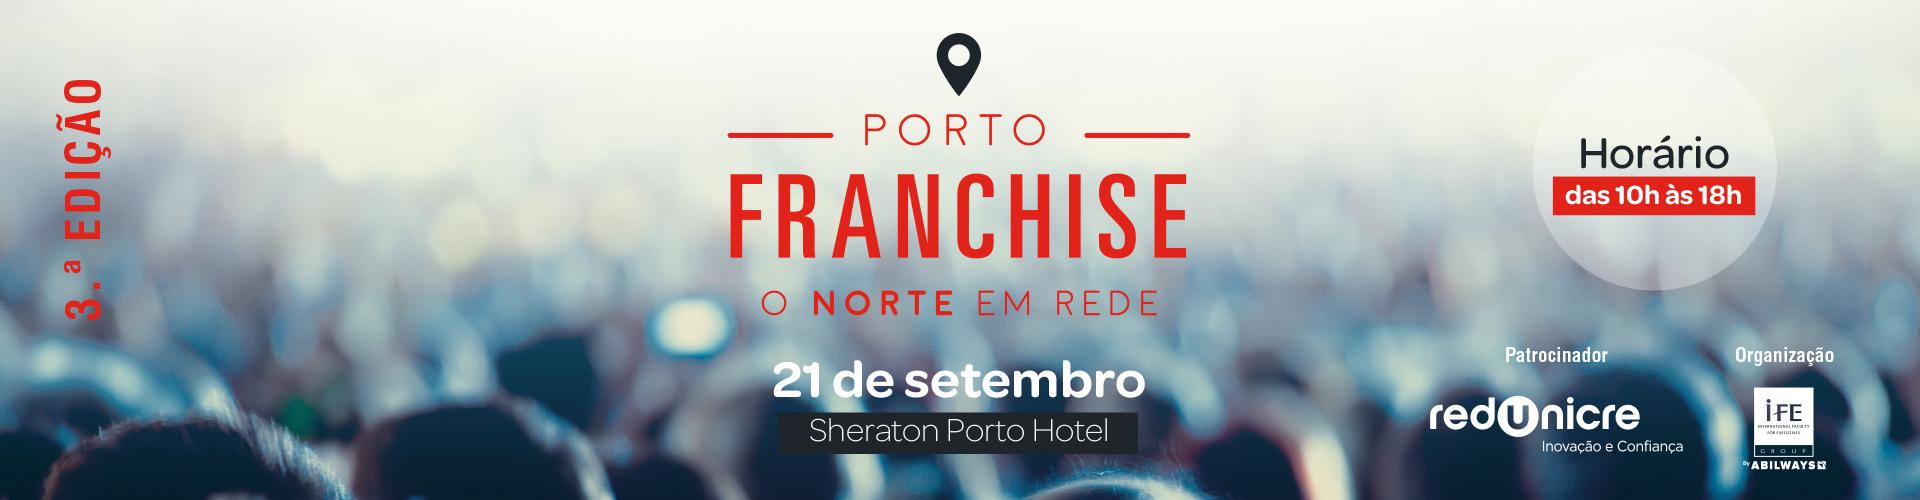 Porto Franchise, evento de franchising no norte